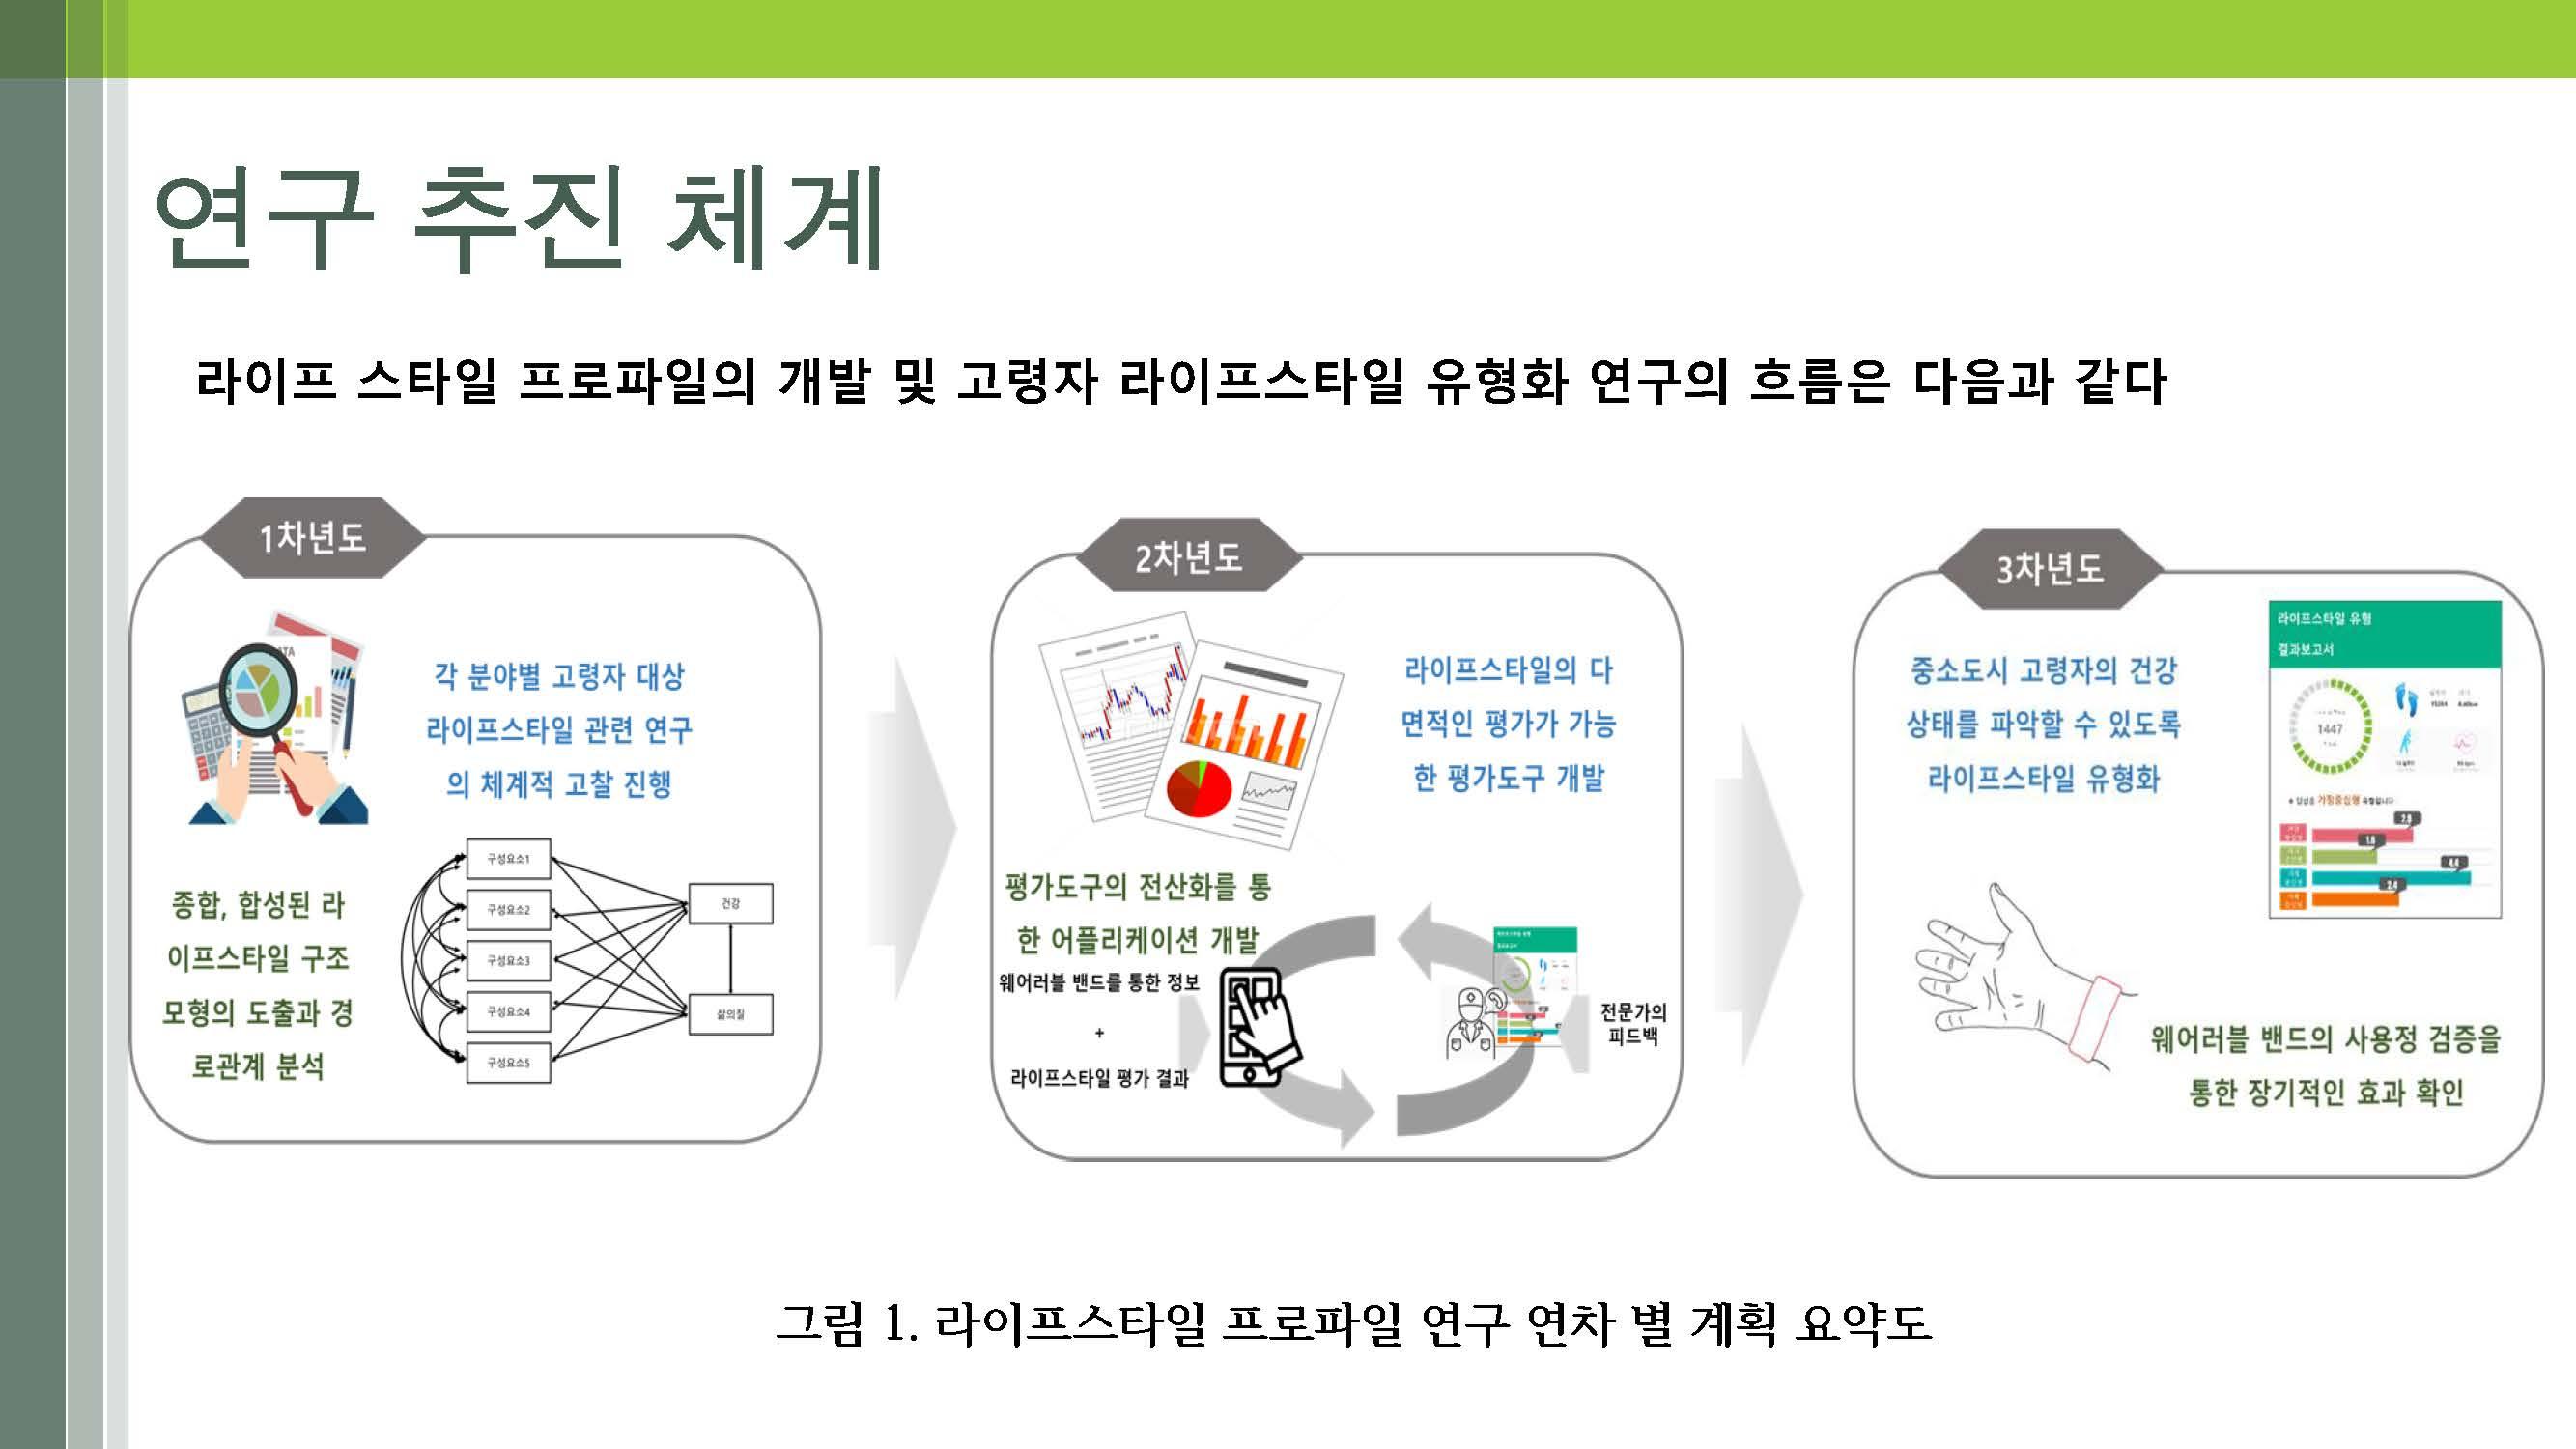 노인의 다면적 라이프스타일 개발(연세대-박지혁) (최종)_페이지_11